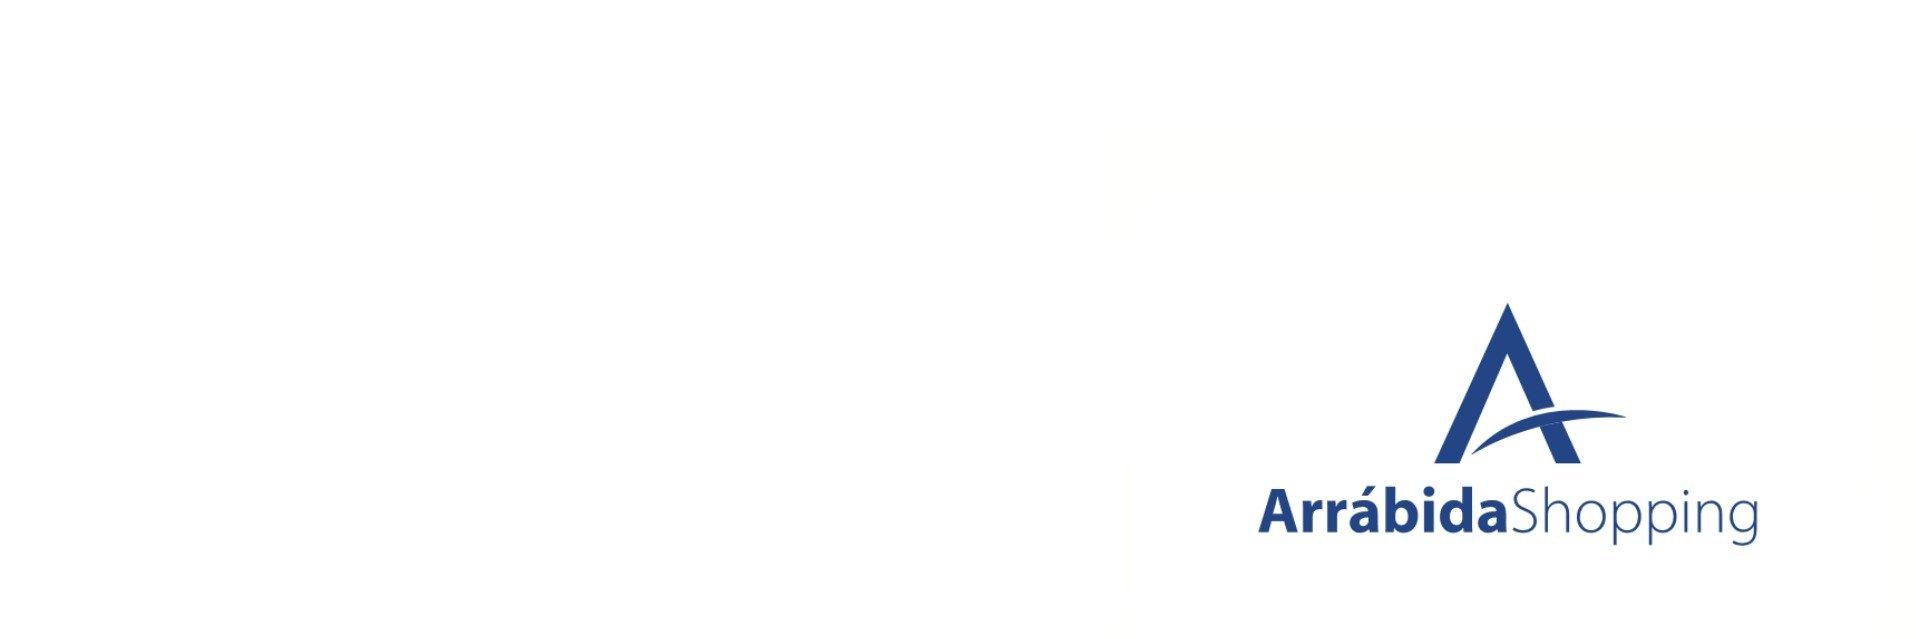 ArrábidaShopping renova selo de higiene e segurança com certificação SGS